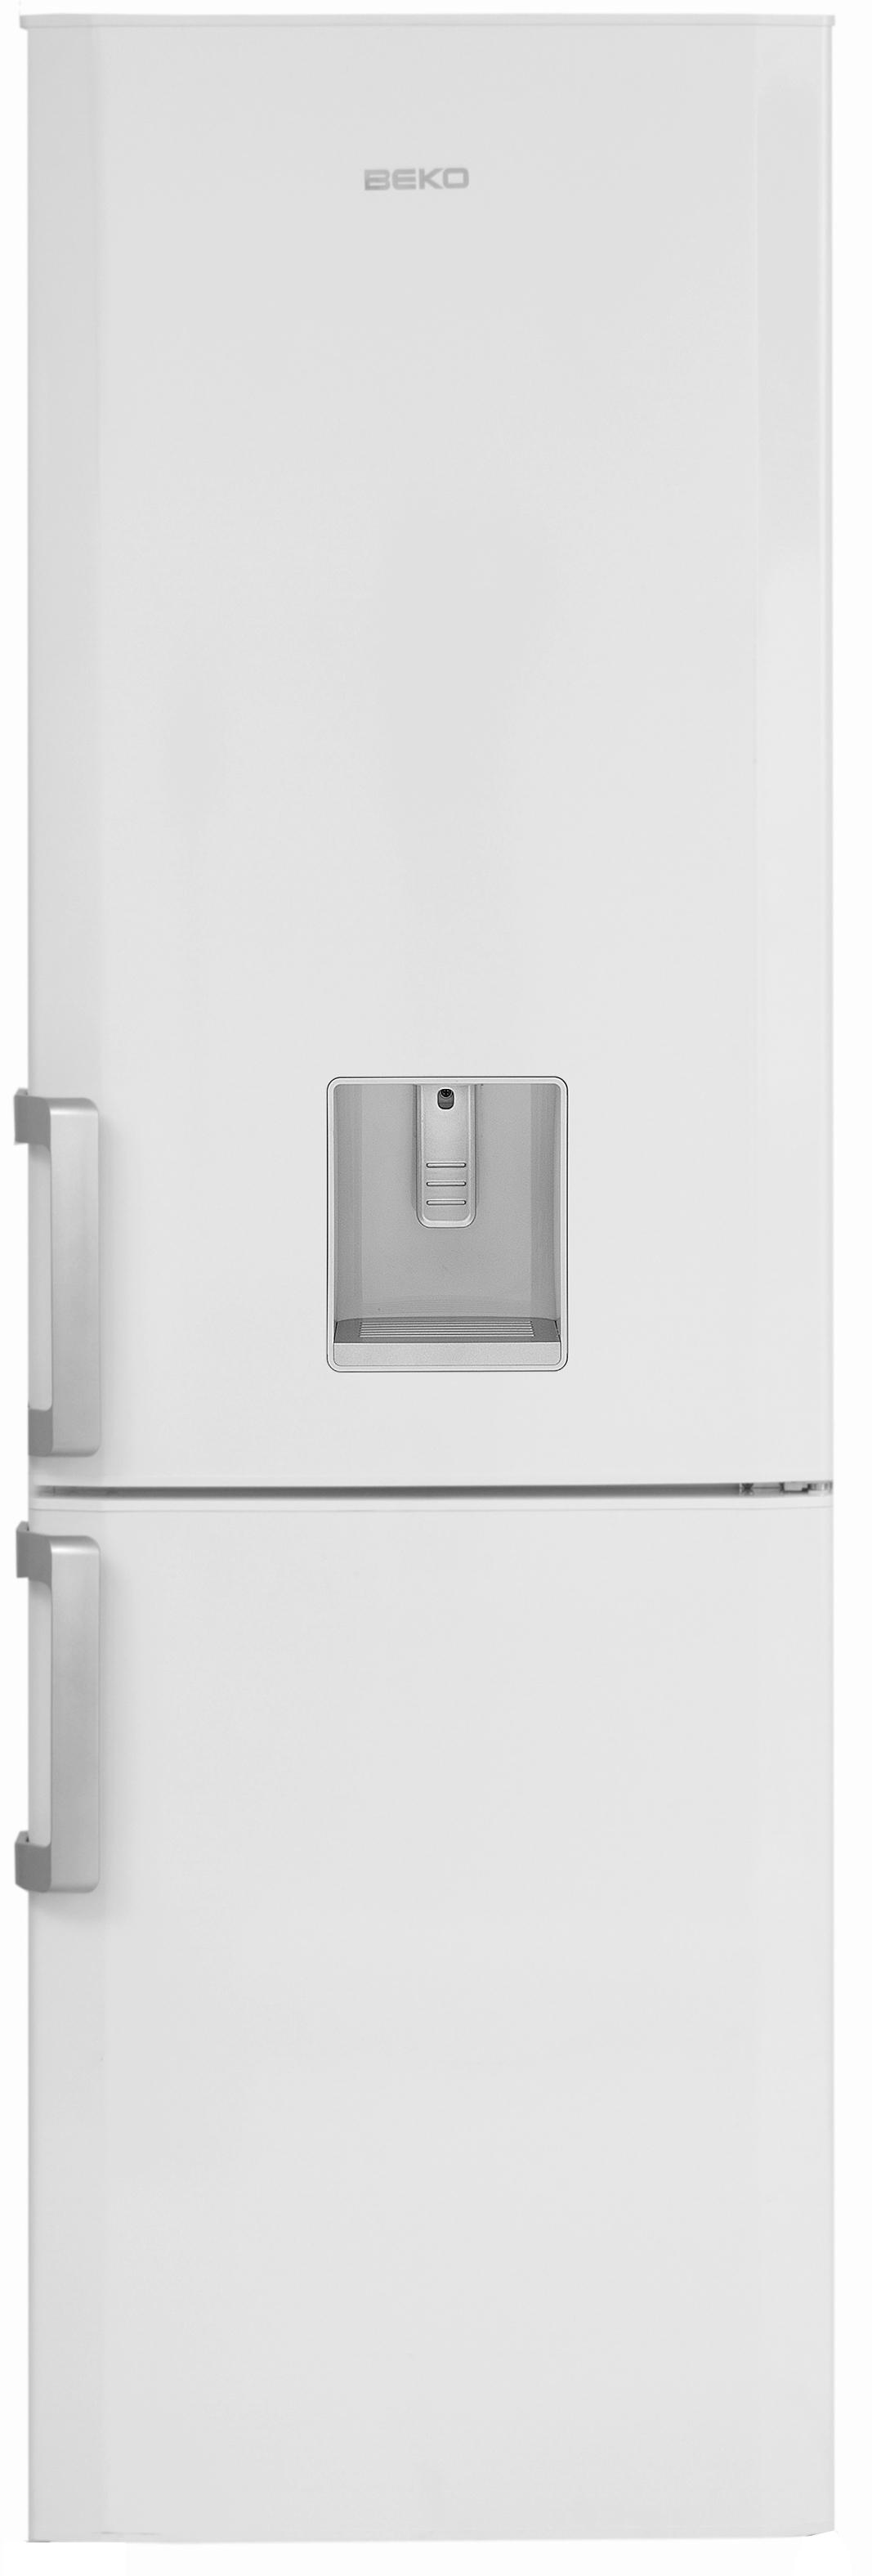 Réfrigérateur beko sse26026